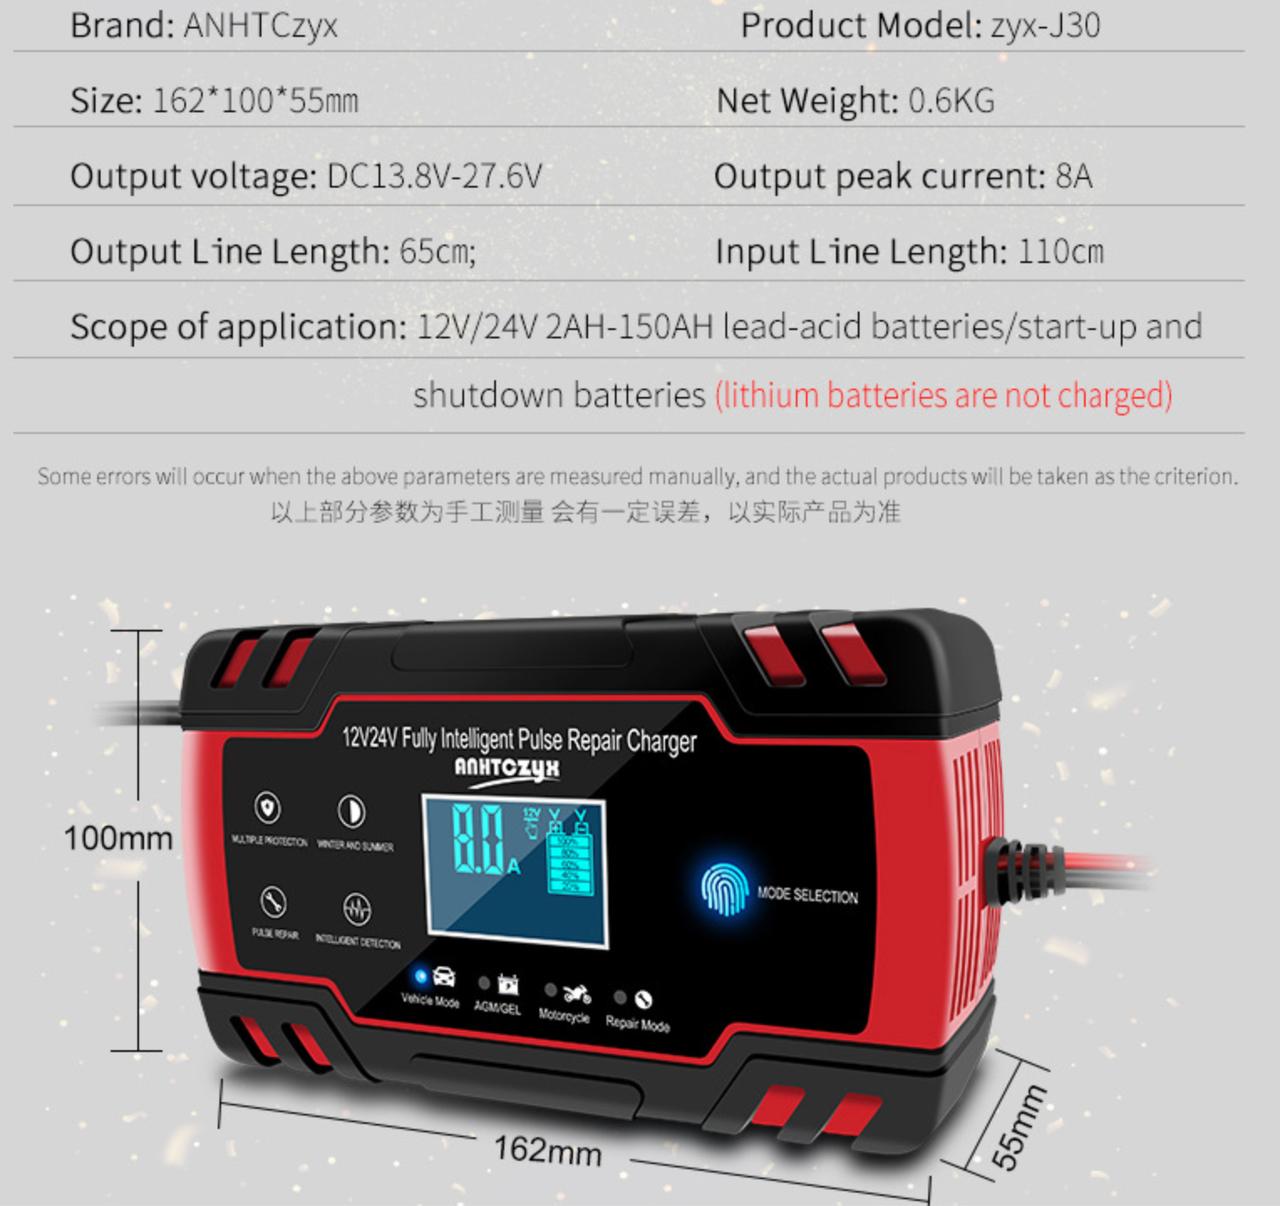 Устройство зарядное для автомобильных аккумуляторов 12/24V. - фото 3